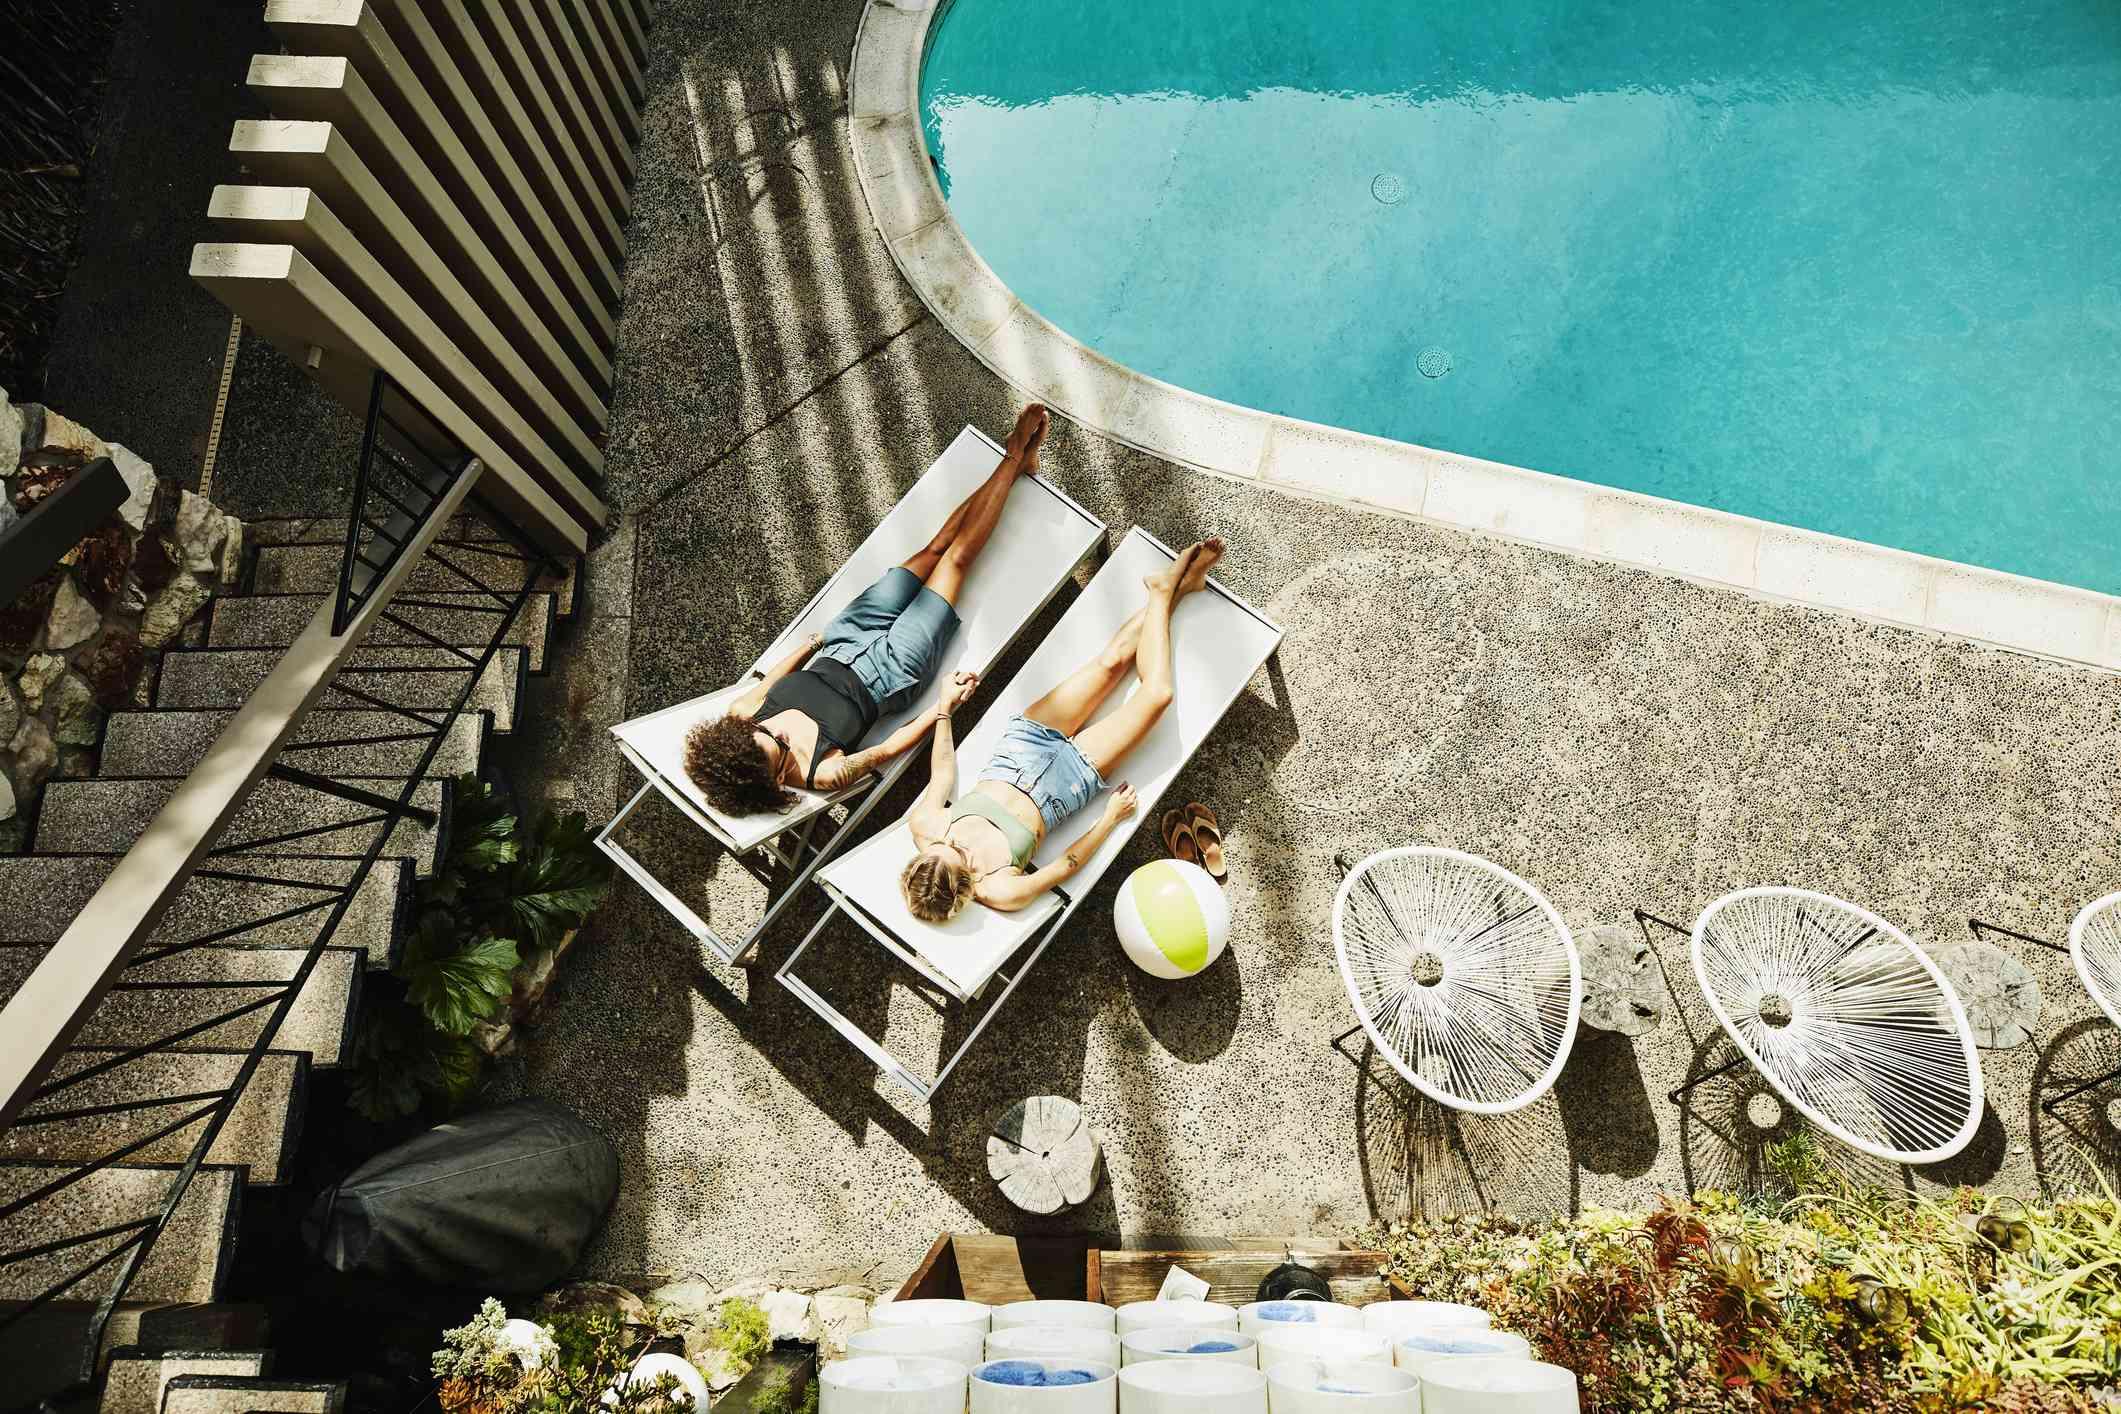 women by pool